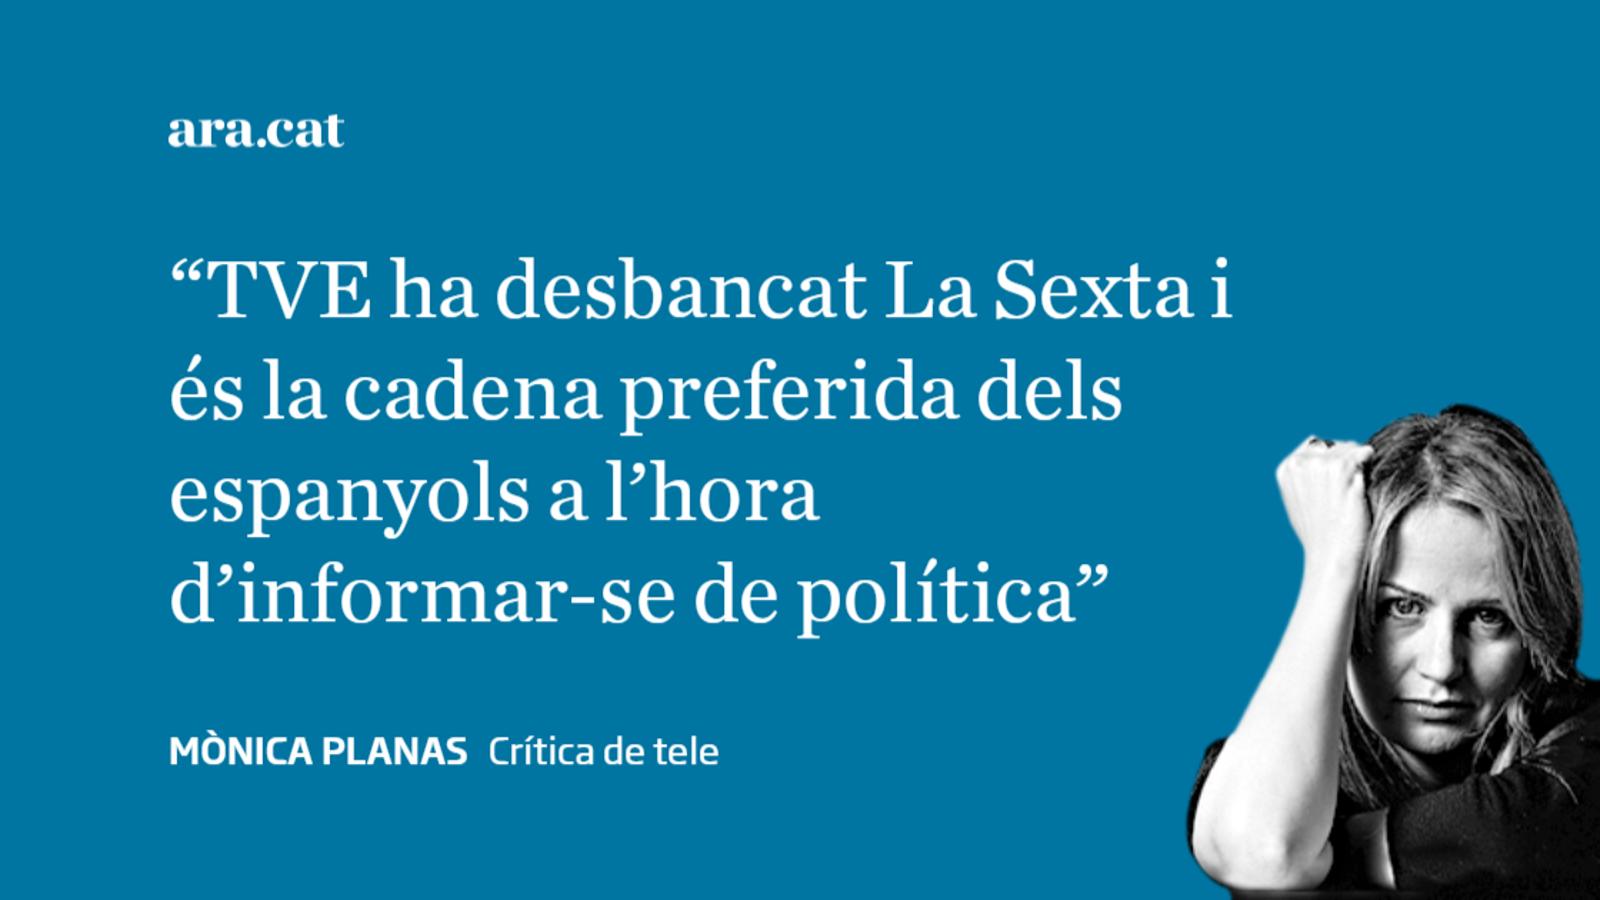 El joc brut de García Ferreras amb TVE